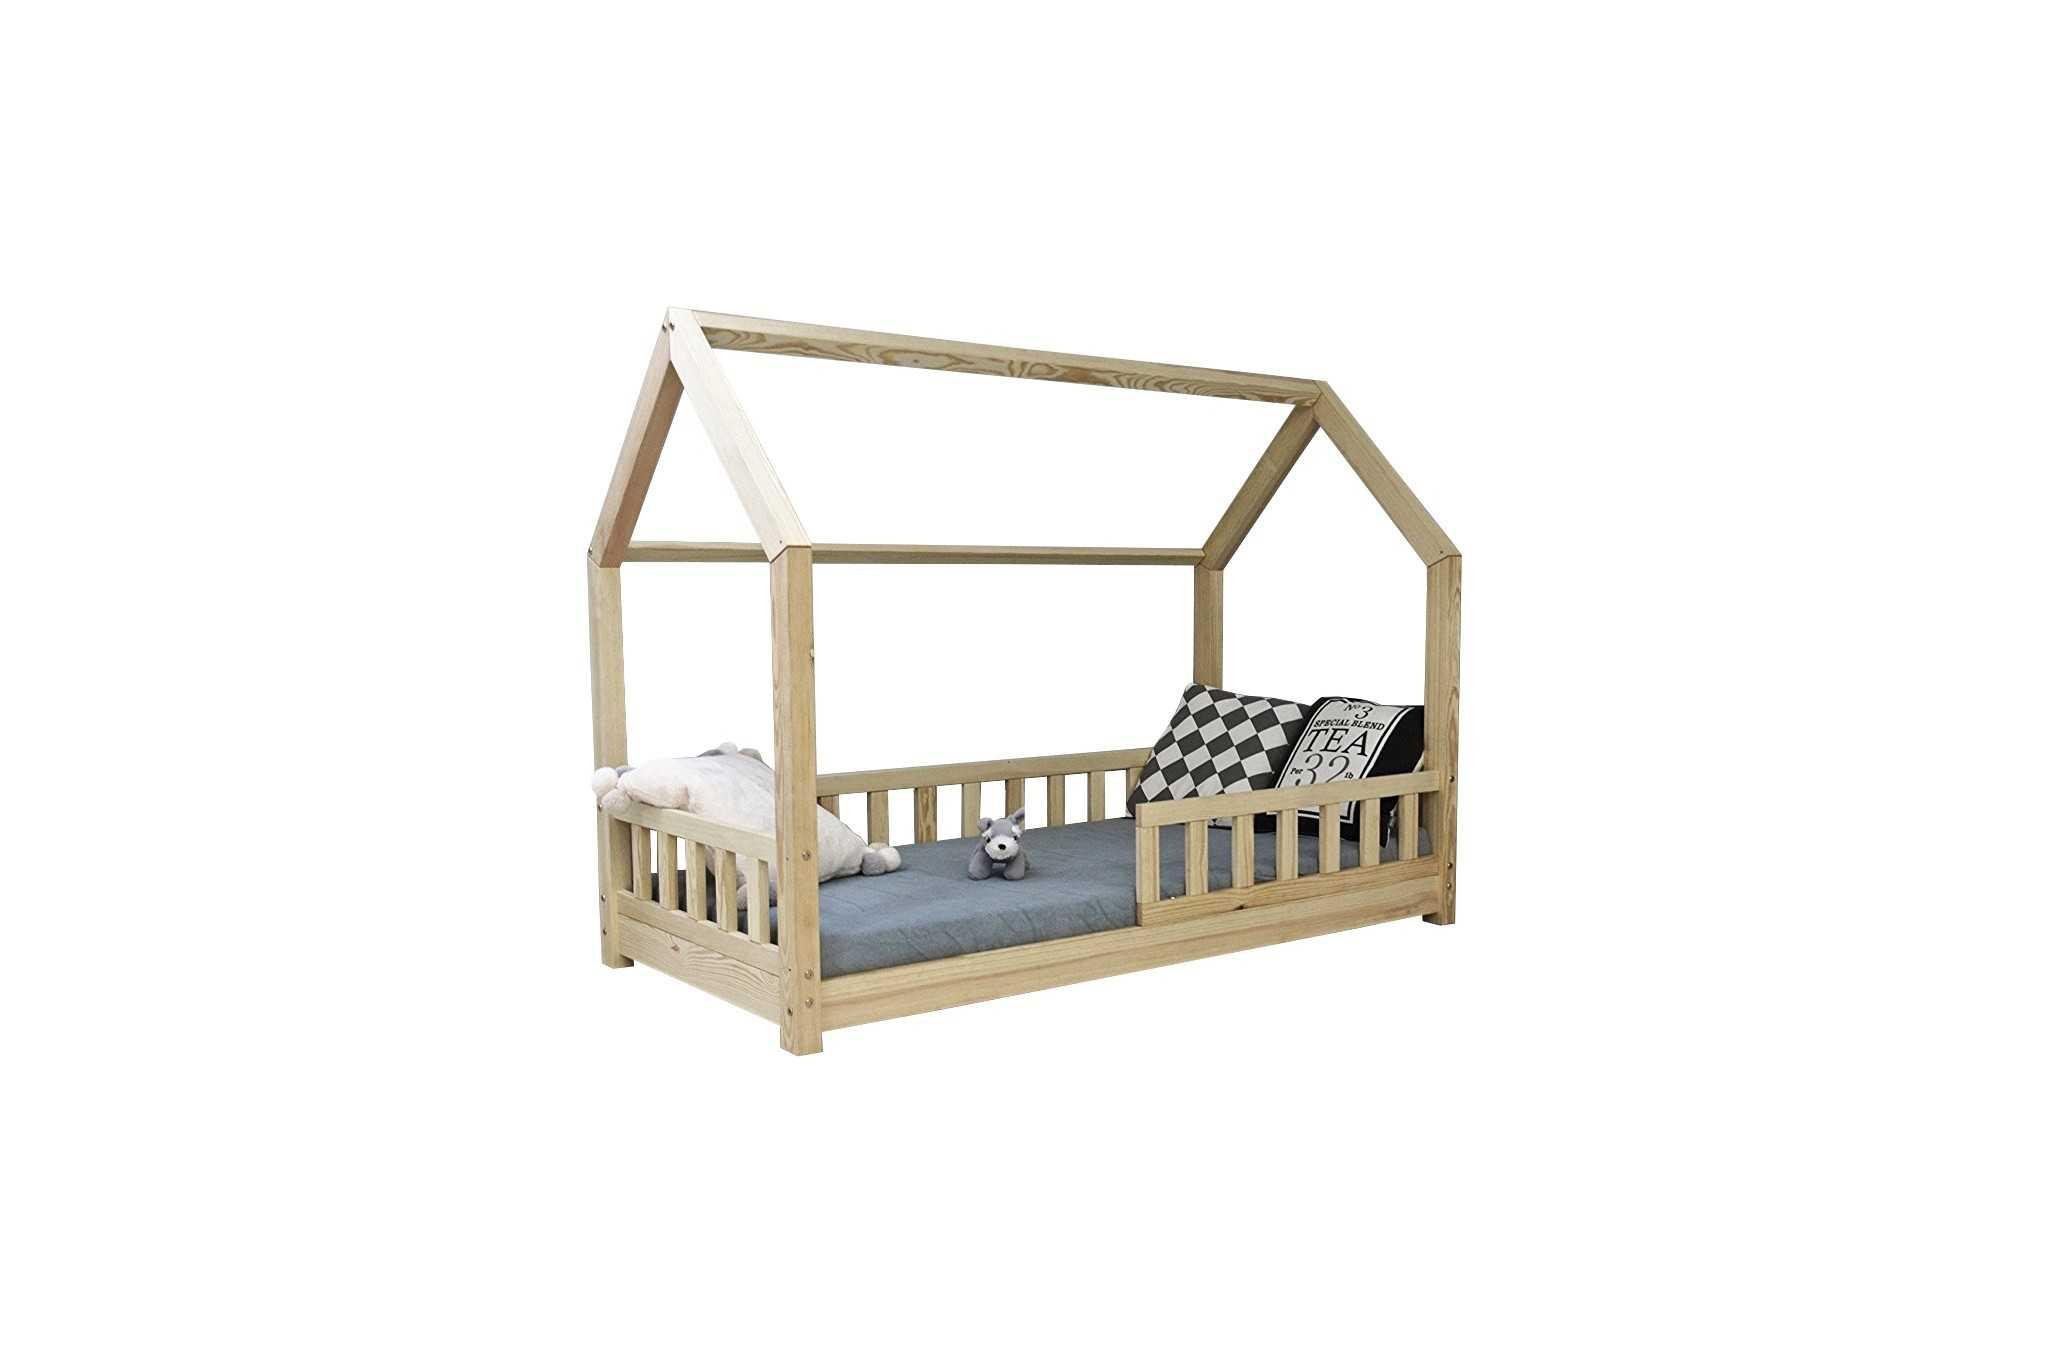 Kinderbett Mit Rausfallschutz 90x200 : best for kids kinderbett kinderhaus mit rausfallschutz und matratze ~ Watch28wear.com Haus und Dekorationen